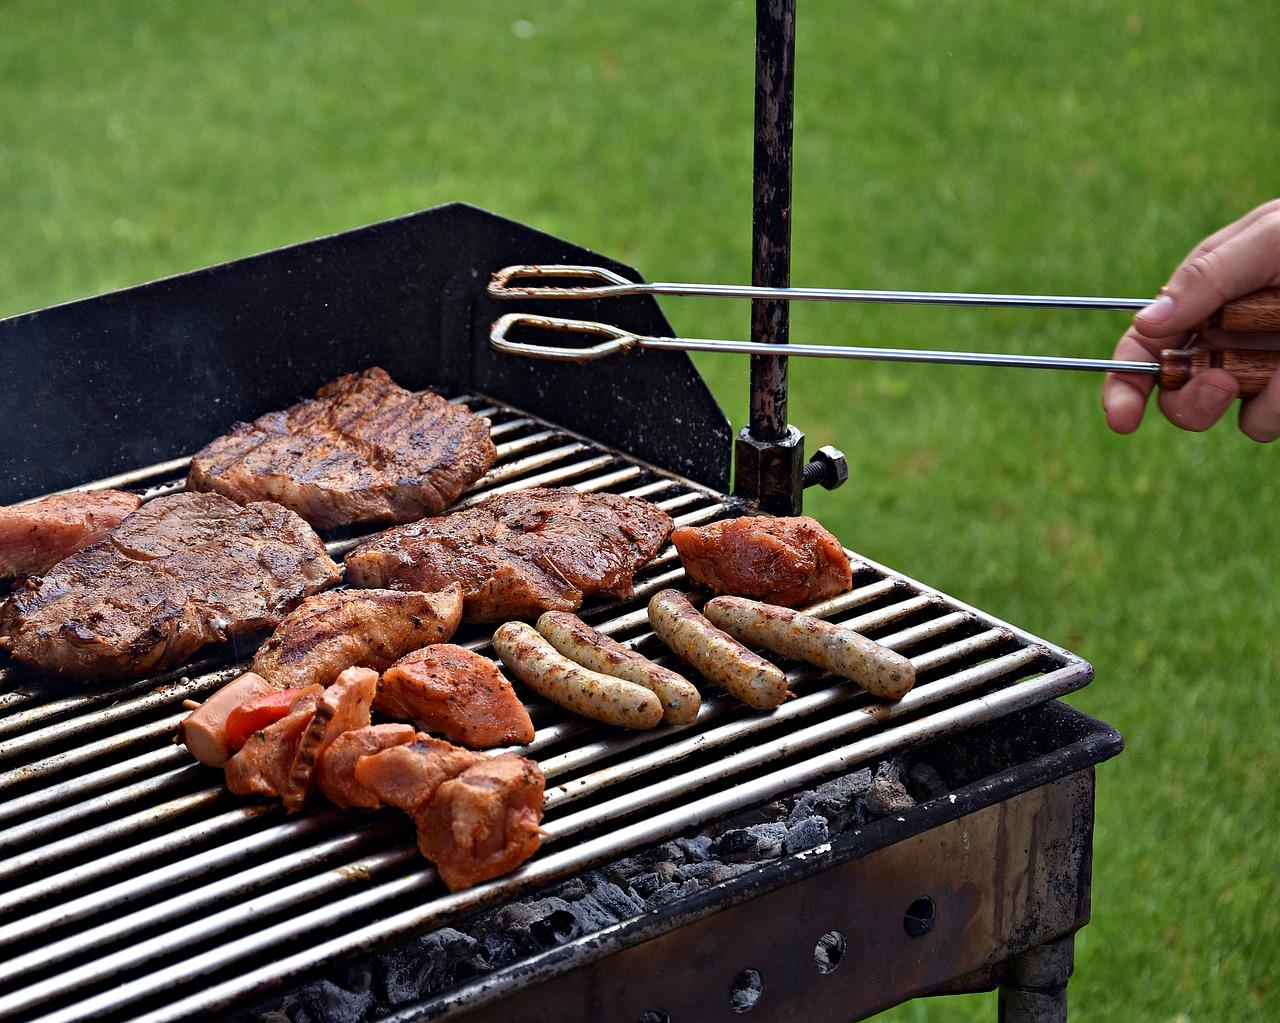 faire un barbecue sain